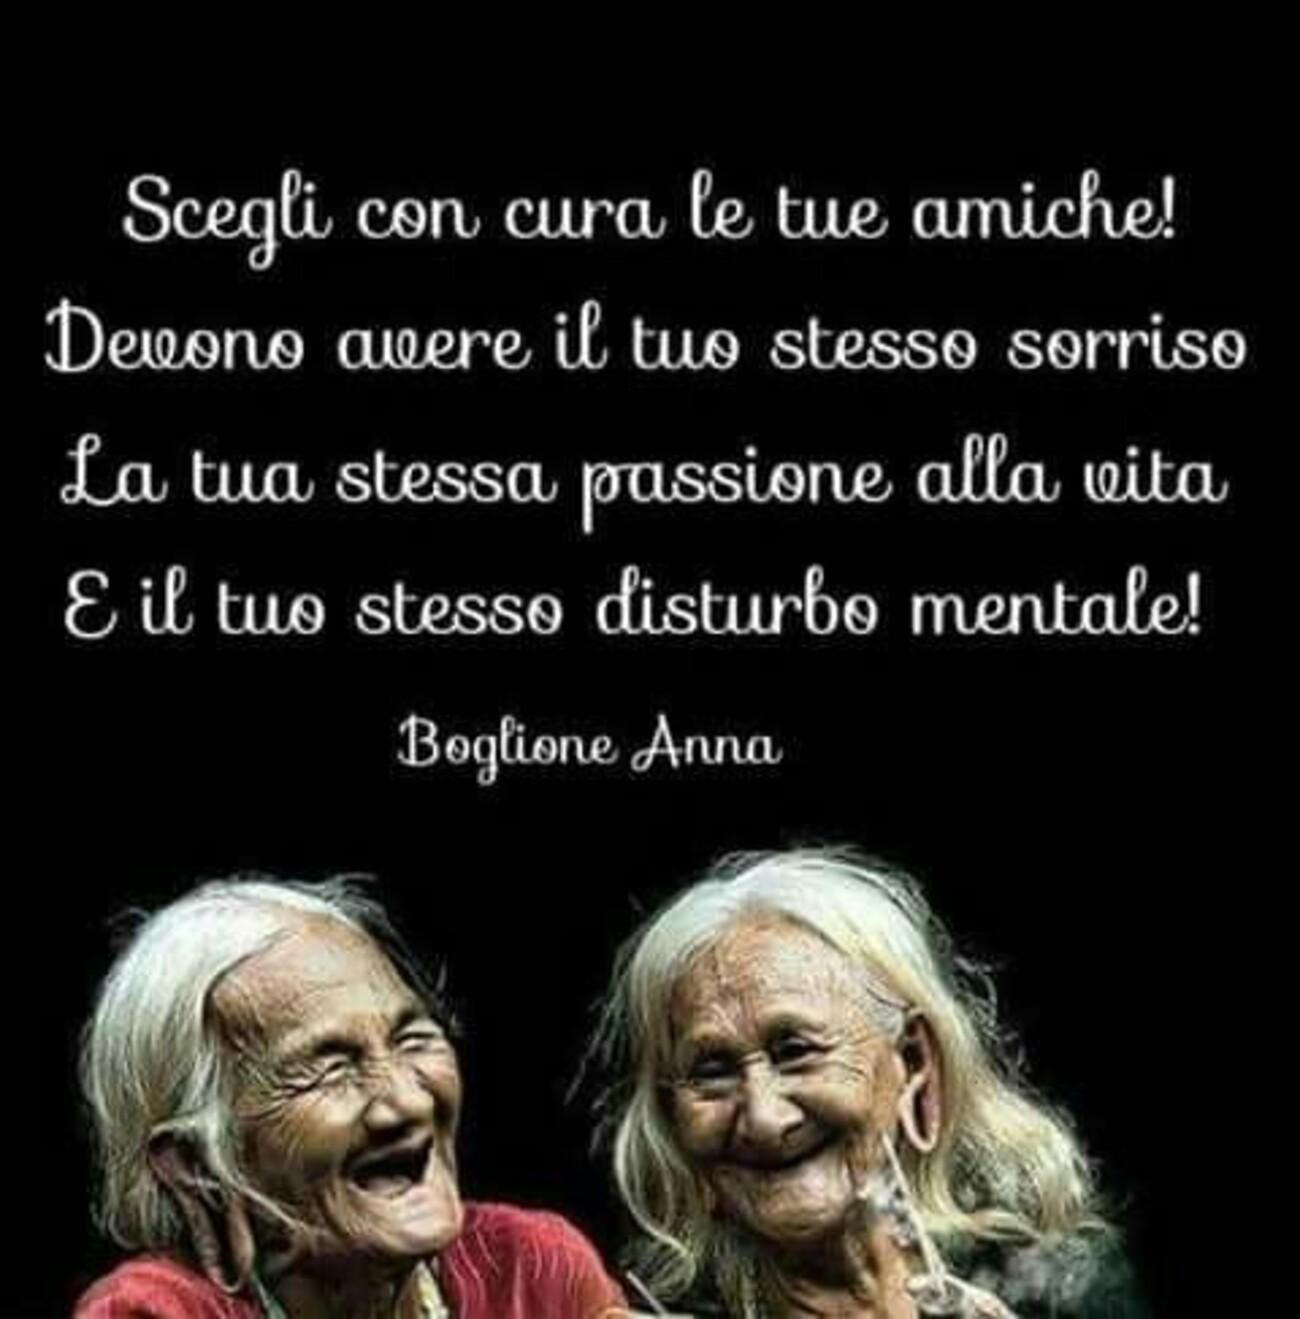 Scegli con cura le tue amiche ! Devono avere il tuo stesso sorriso, la tua stessa passione nella vita e il tuo stesso disturbo mentale!